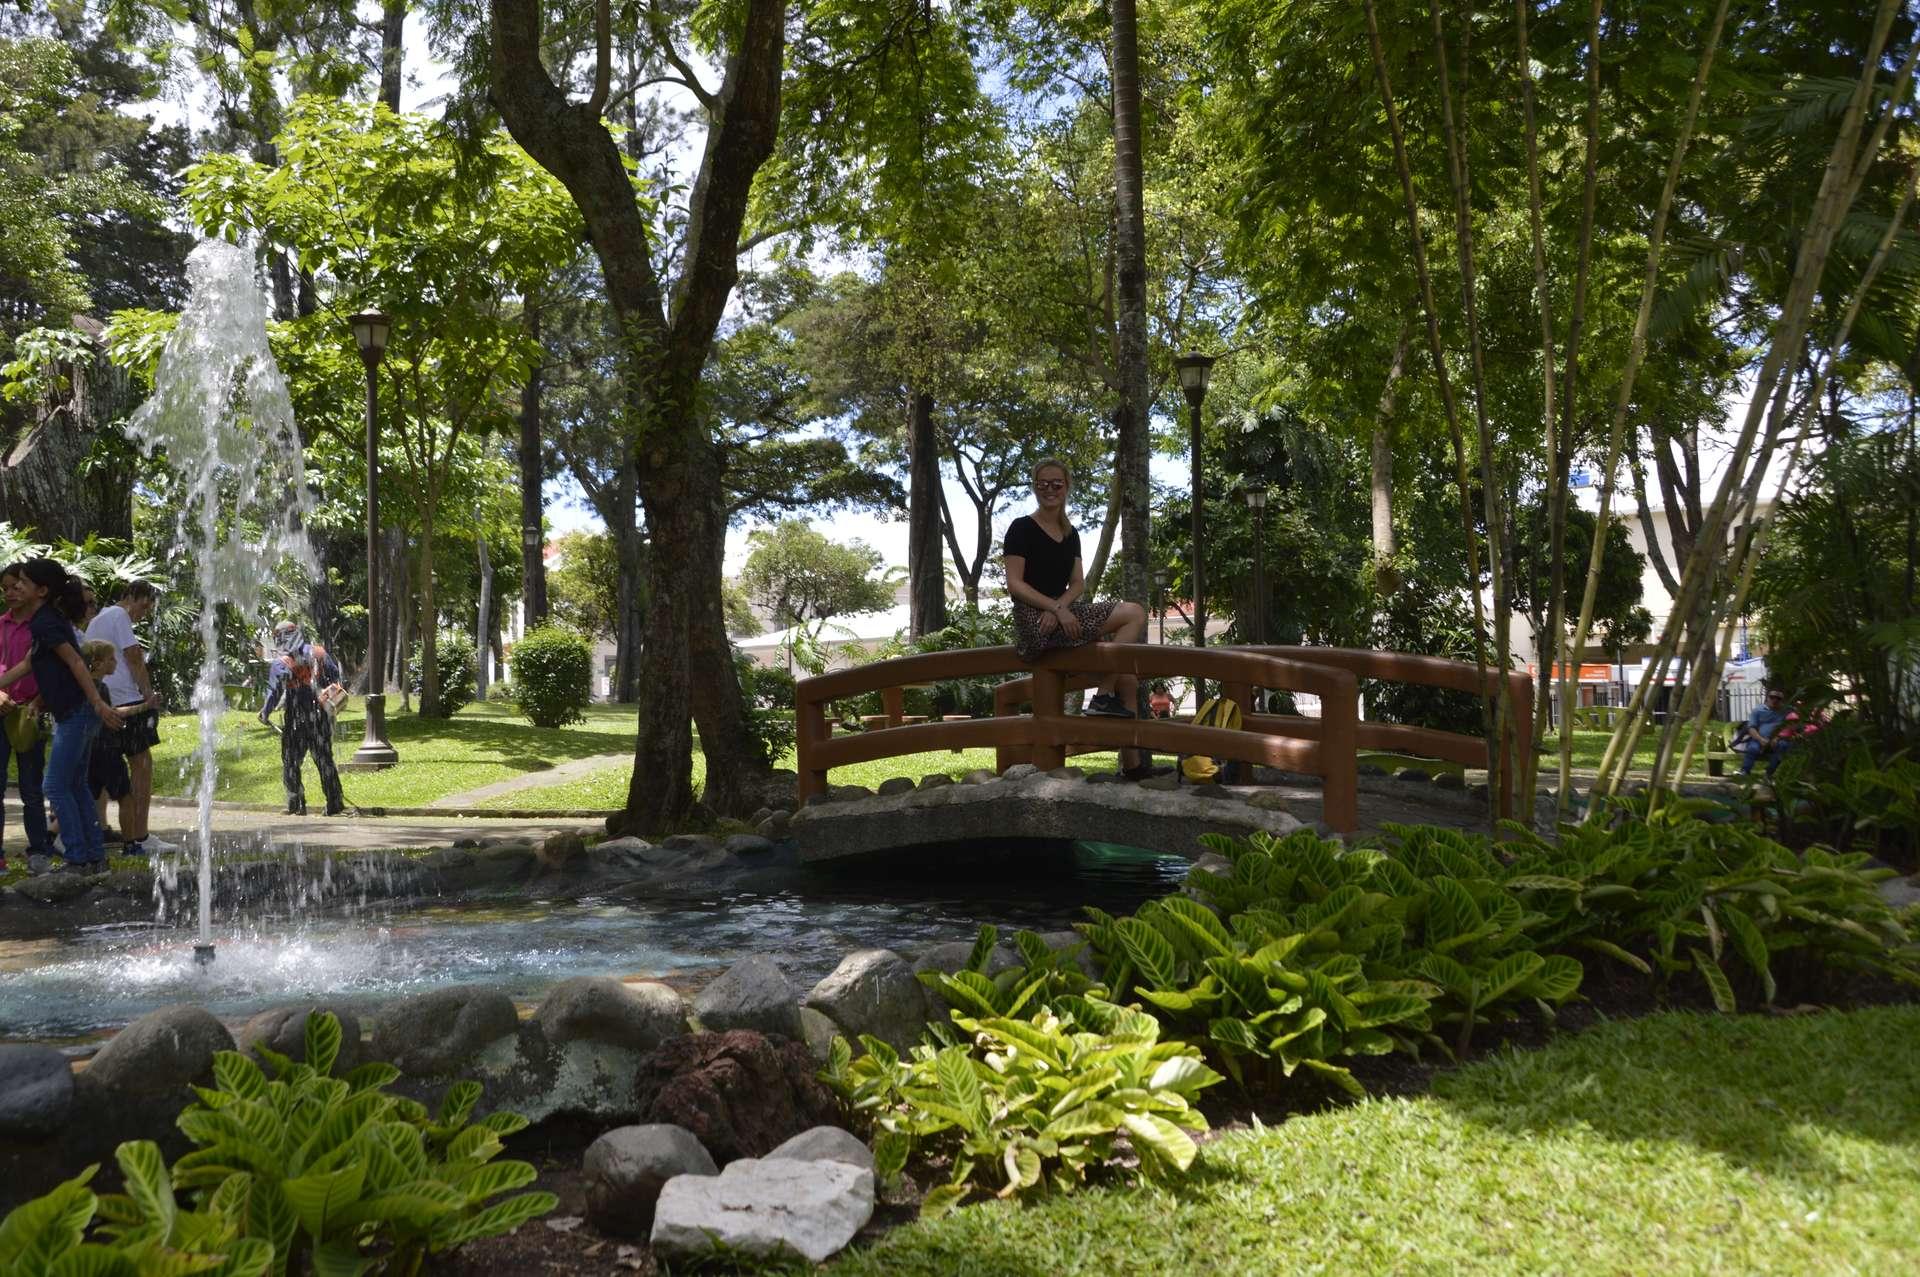 Costa Rica, San José, Parque Nacional